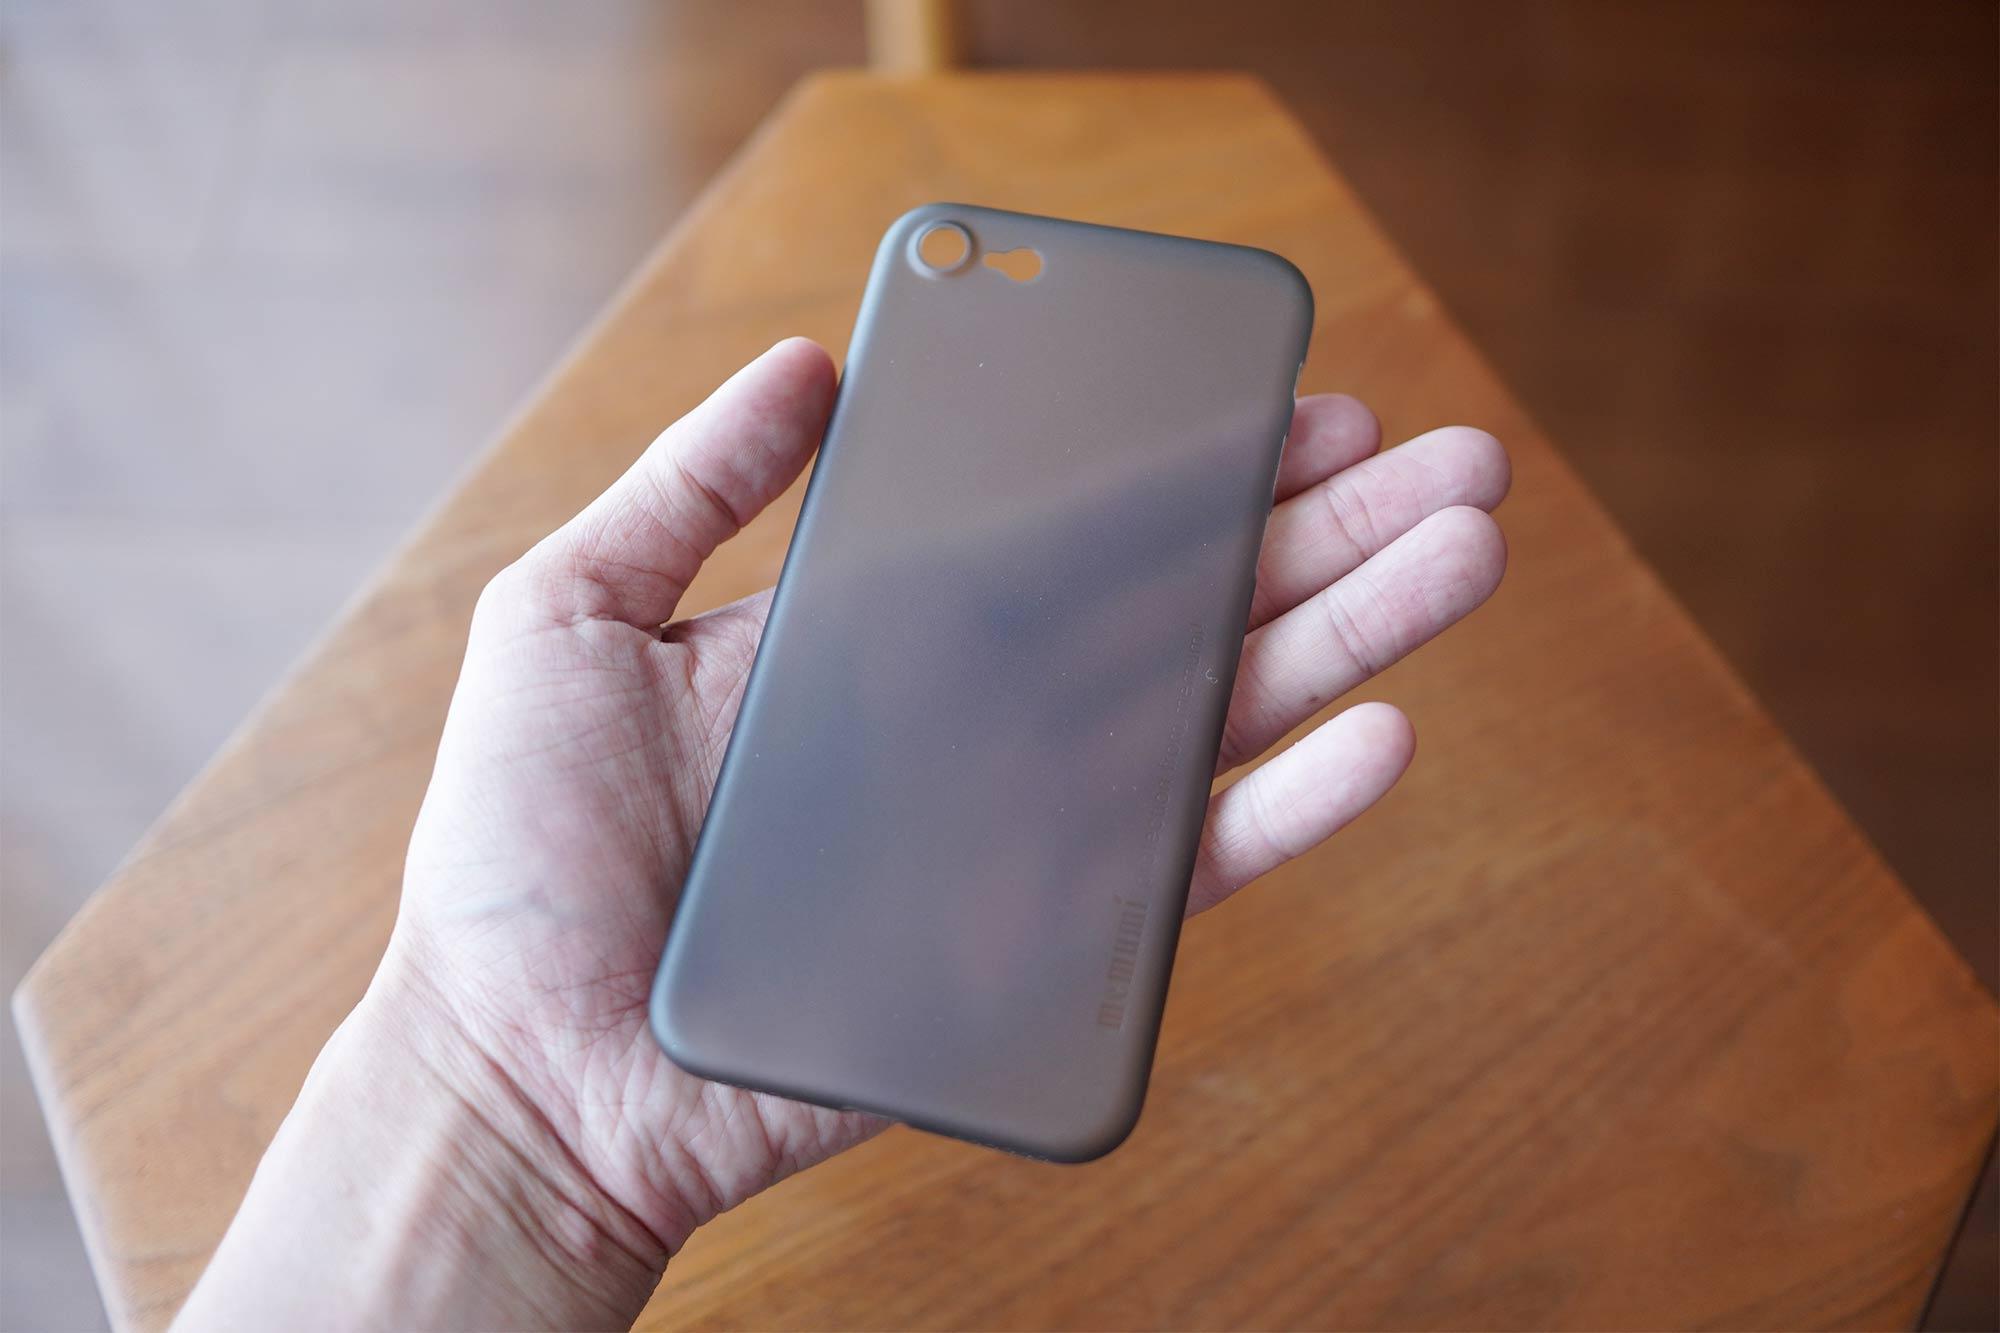 iPhone SE,iPhone 8,iPhone7,ケース,最薄型,最軽量,memumi,透明